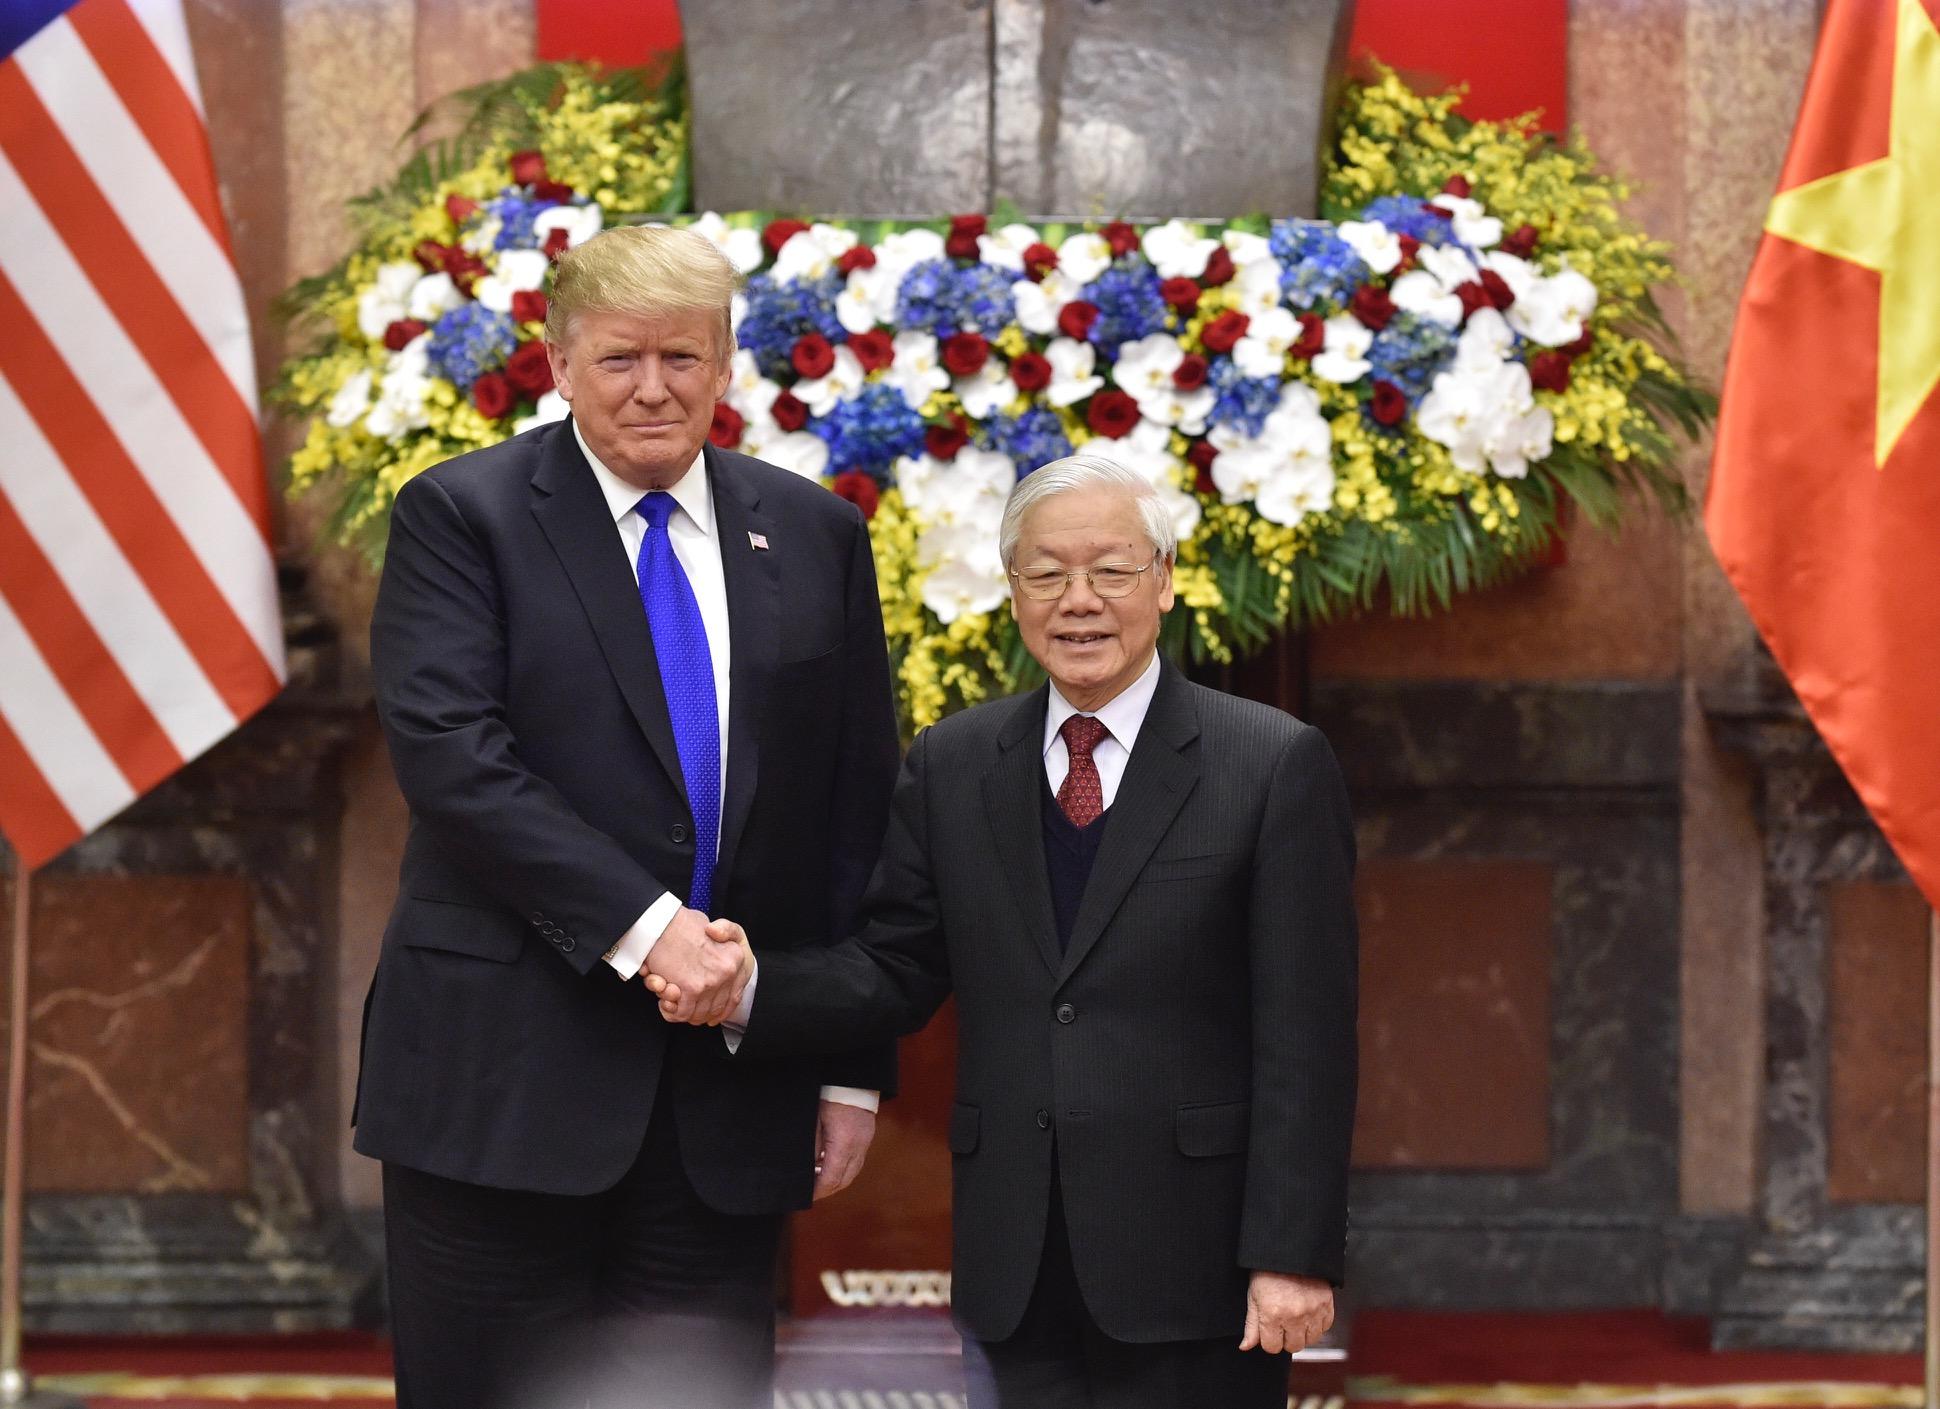 Tổng Bí thư, Chủ tịch nước Nguyễn Phú Trọng tiếp Tổng thống Mỹ Donald Trump, ngày 27/2/2019. - Ảnh: VGP/Nhật Bắc